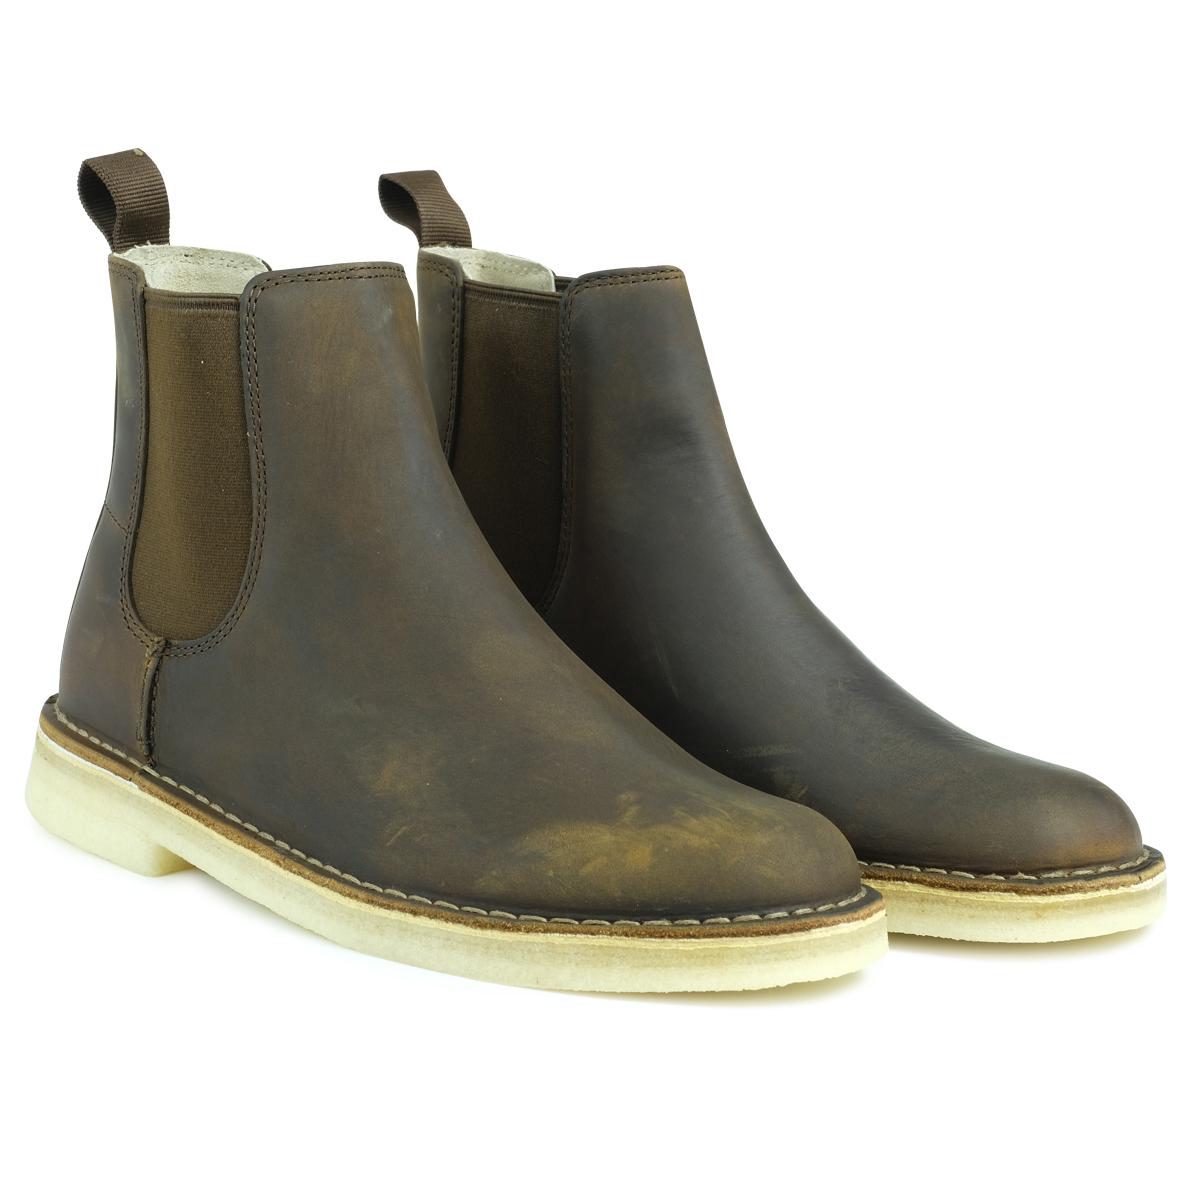 Clarks DESERT PEAK デザート ピーク ブーツ メンズ クラークス 26128732 サイドゴア 靴 ブラウン